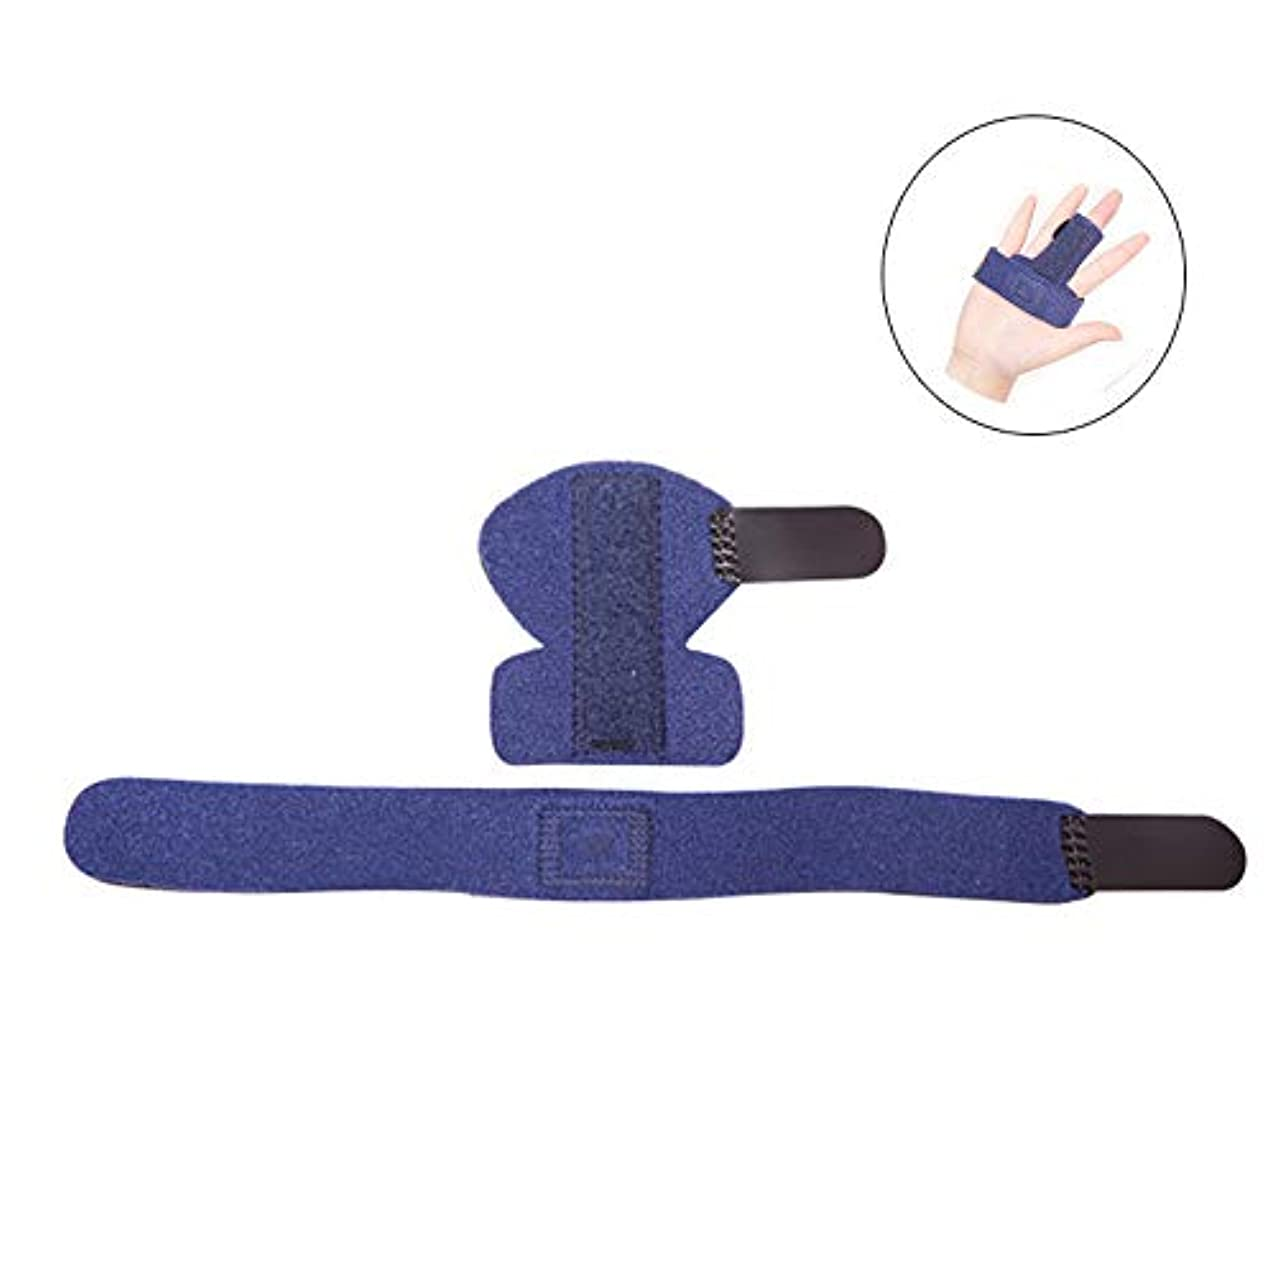 指の痛みの軽減、指の関節の固定、指の骨折のための指サポートブレーススプリント調整可能なプロテクター